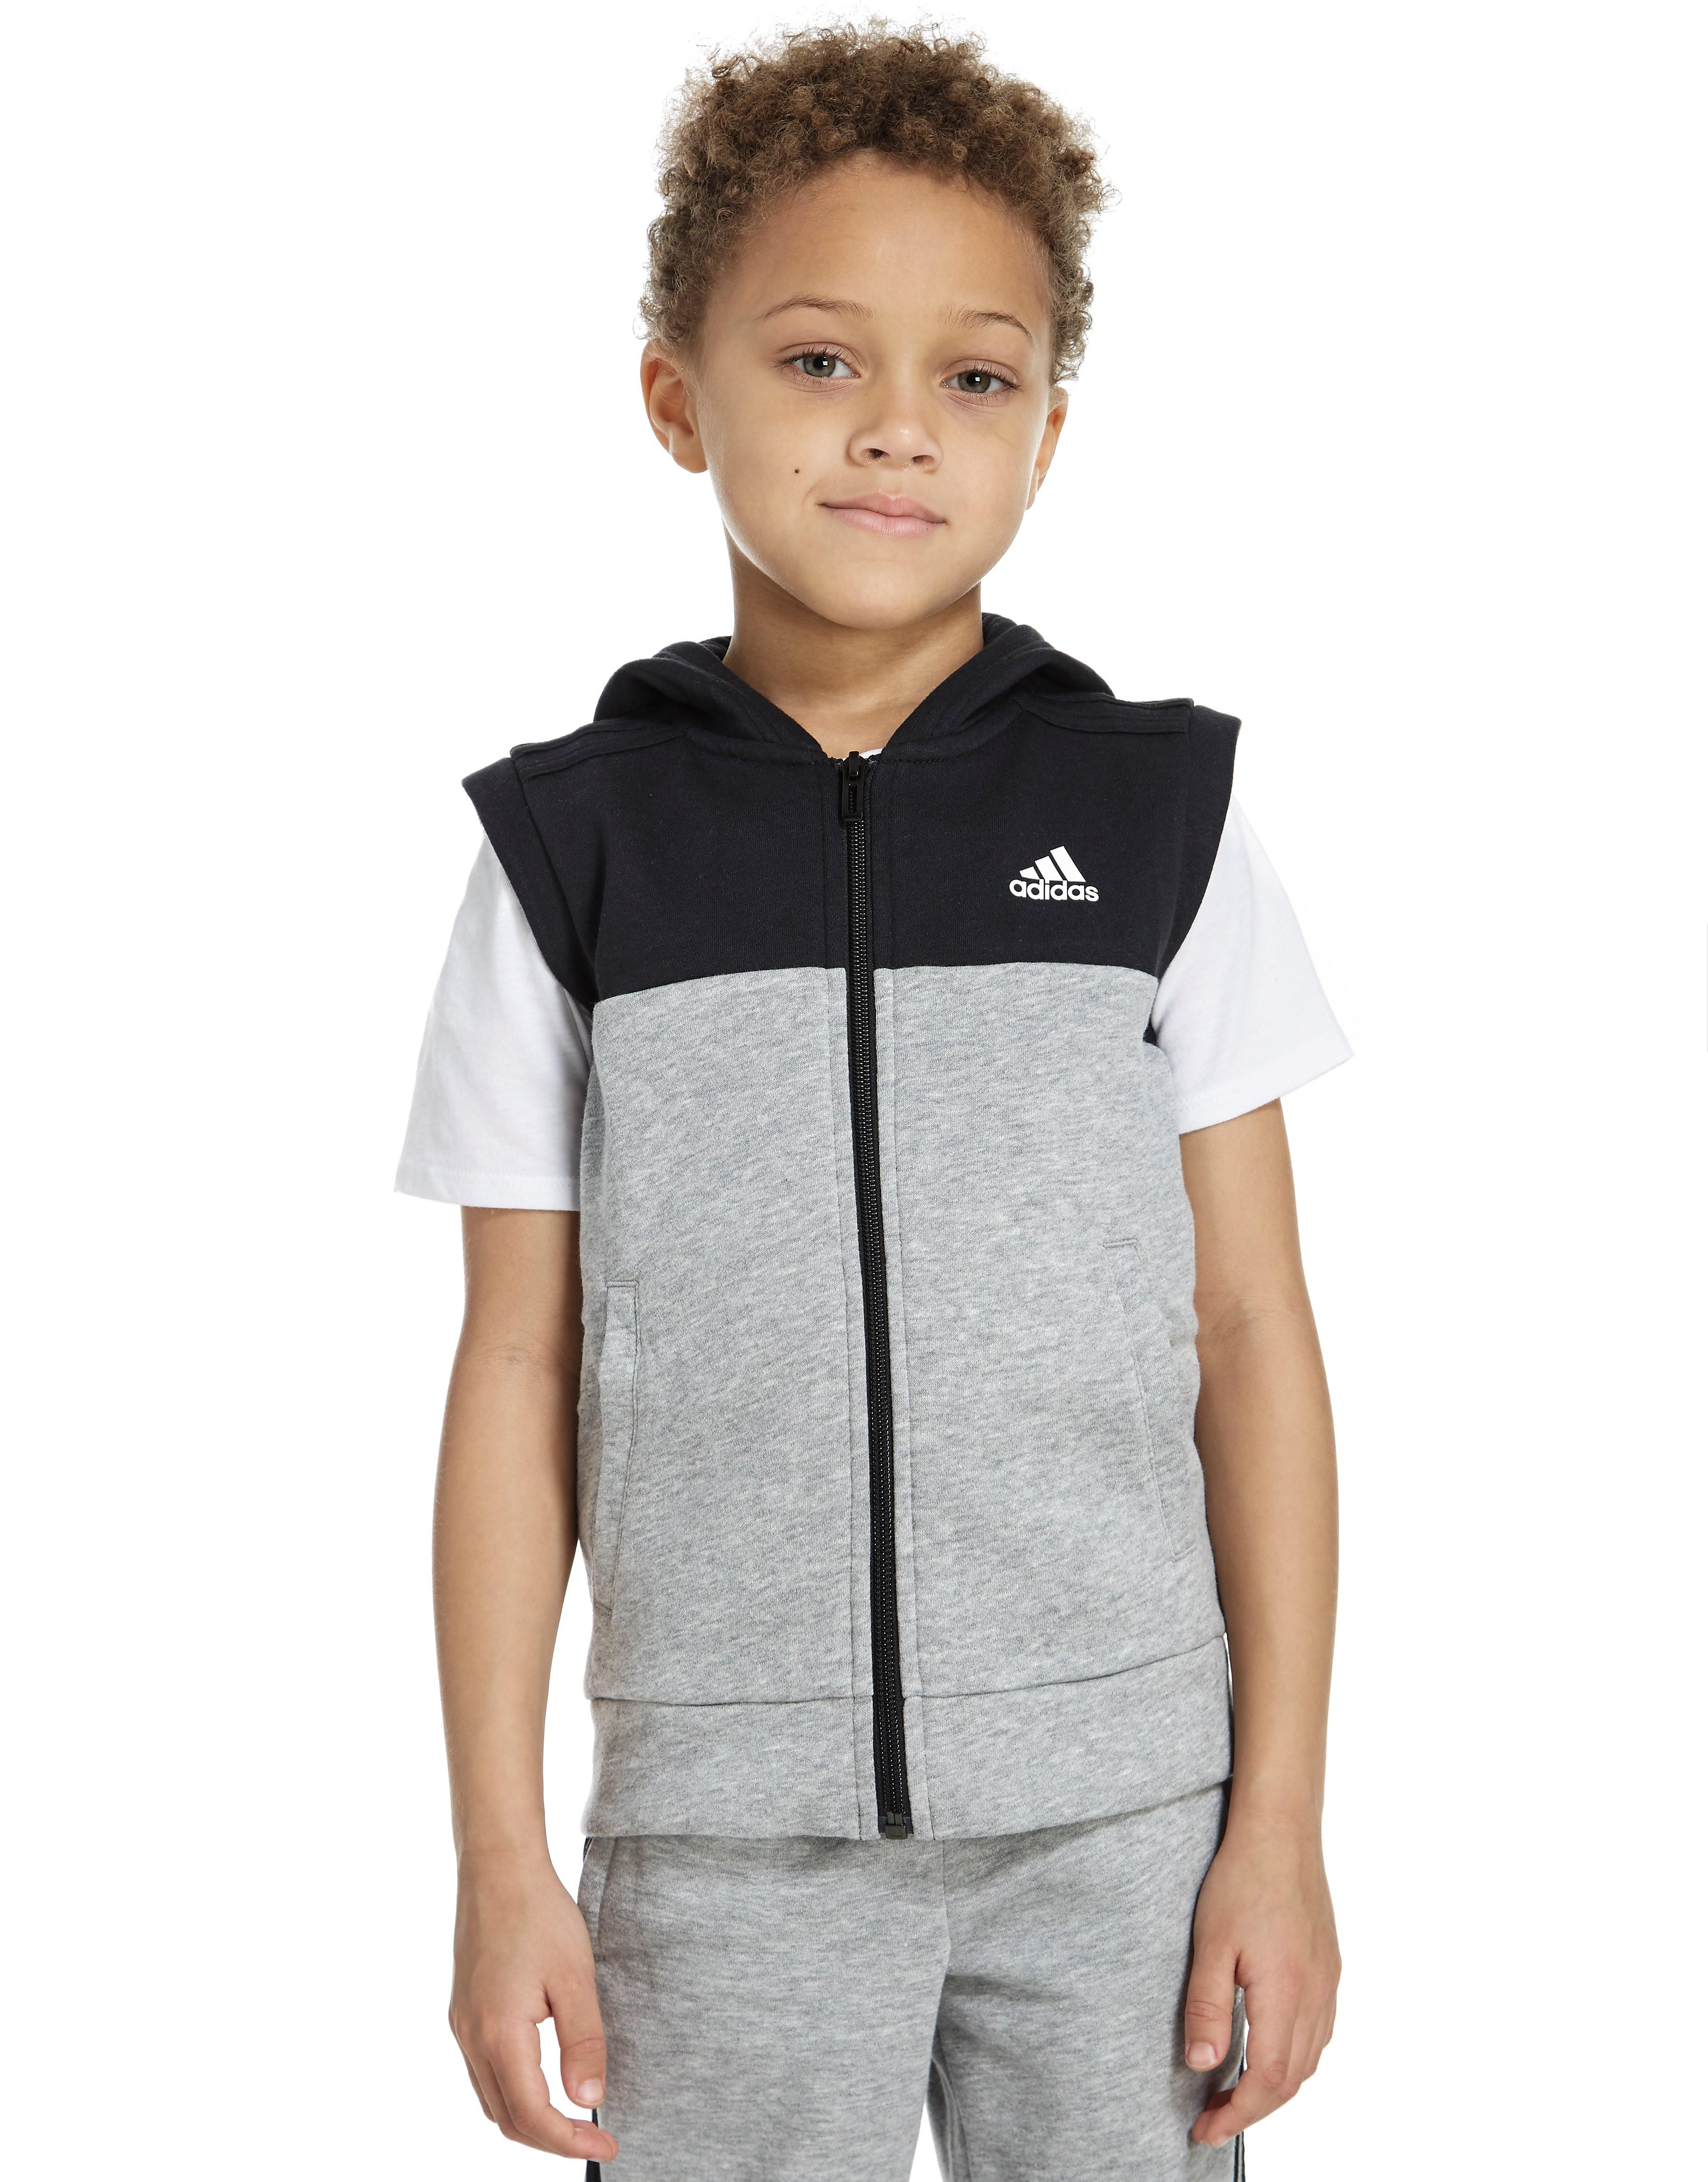 adidas chaqueta sin mangas Linear infantil